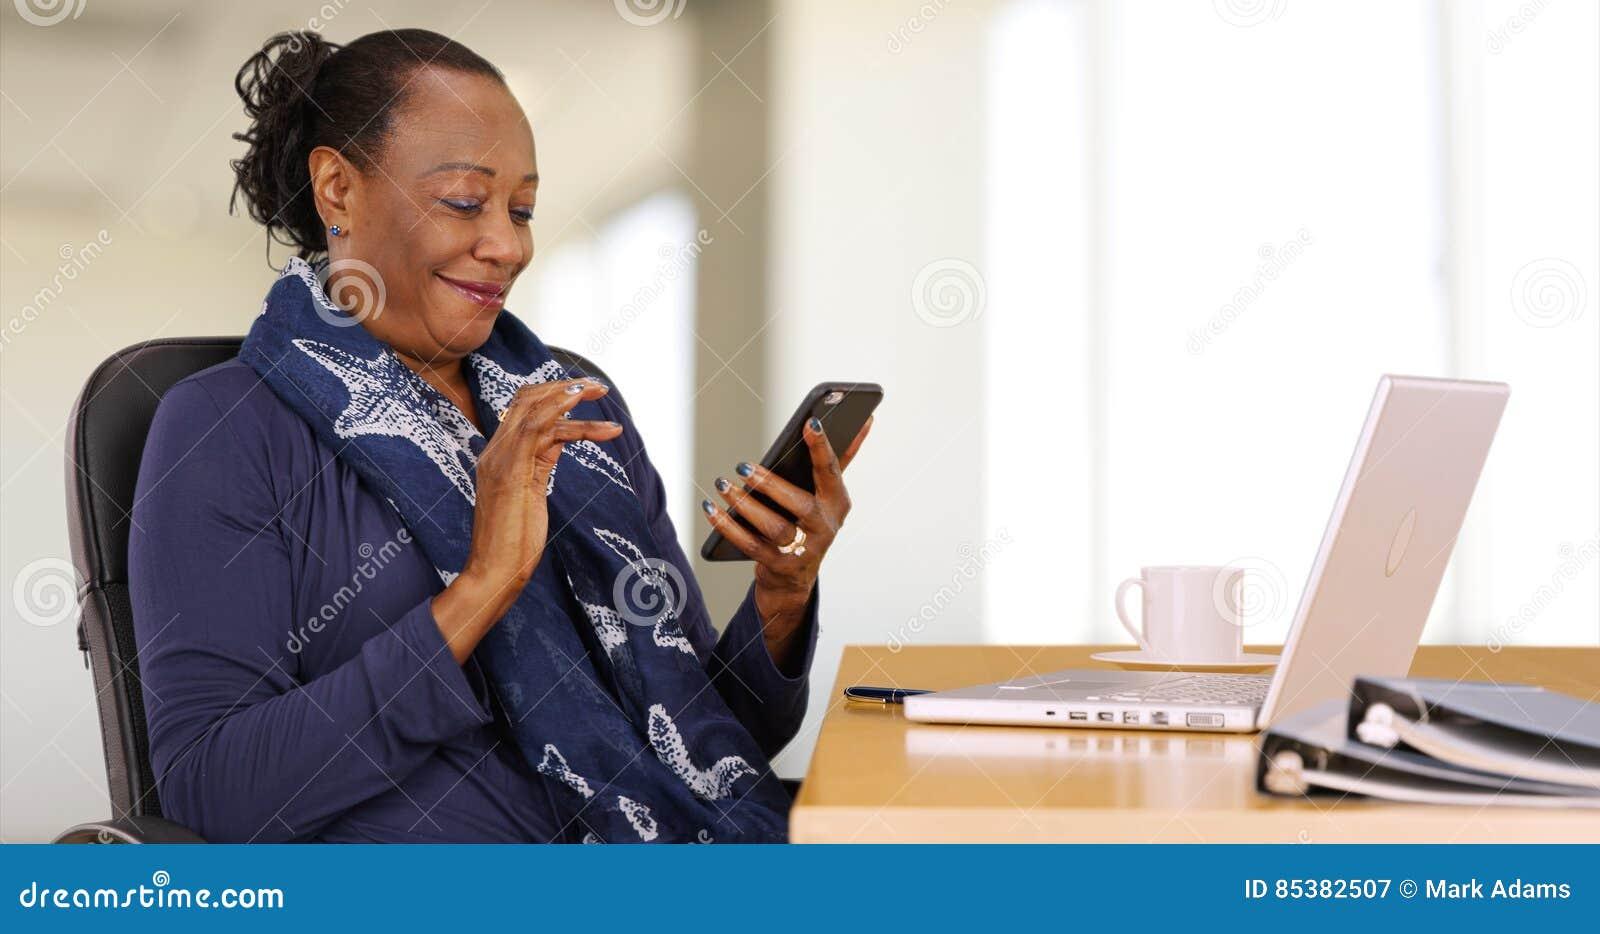 Μια επιχειρηματίας αφροαμερικάνων χρησιμοποιεί το κινητό τηλέφωνό της στο γραφείο της